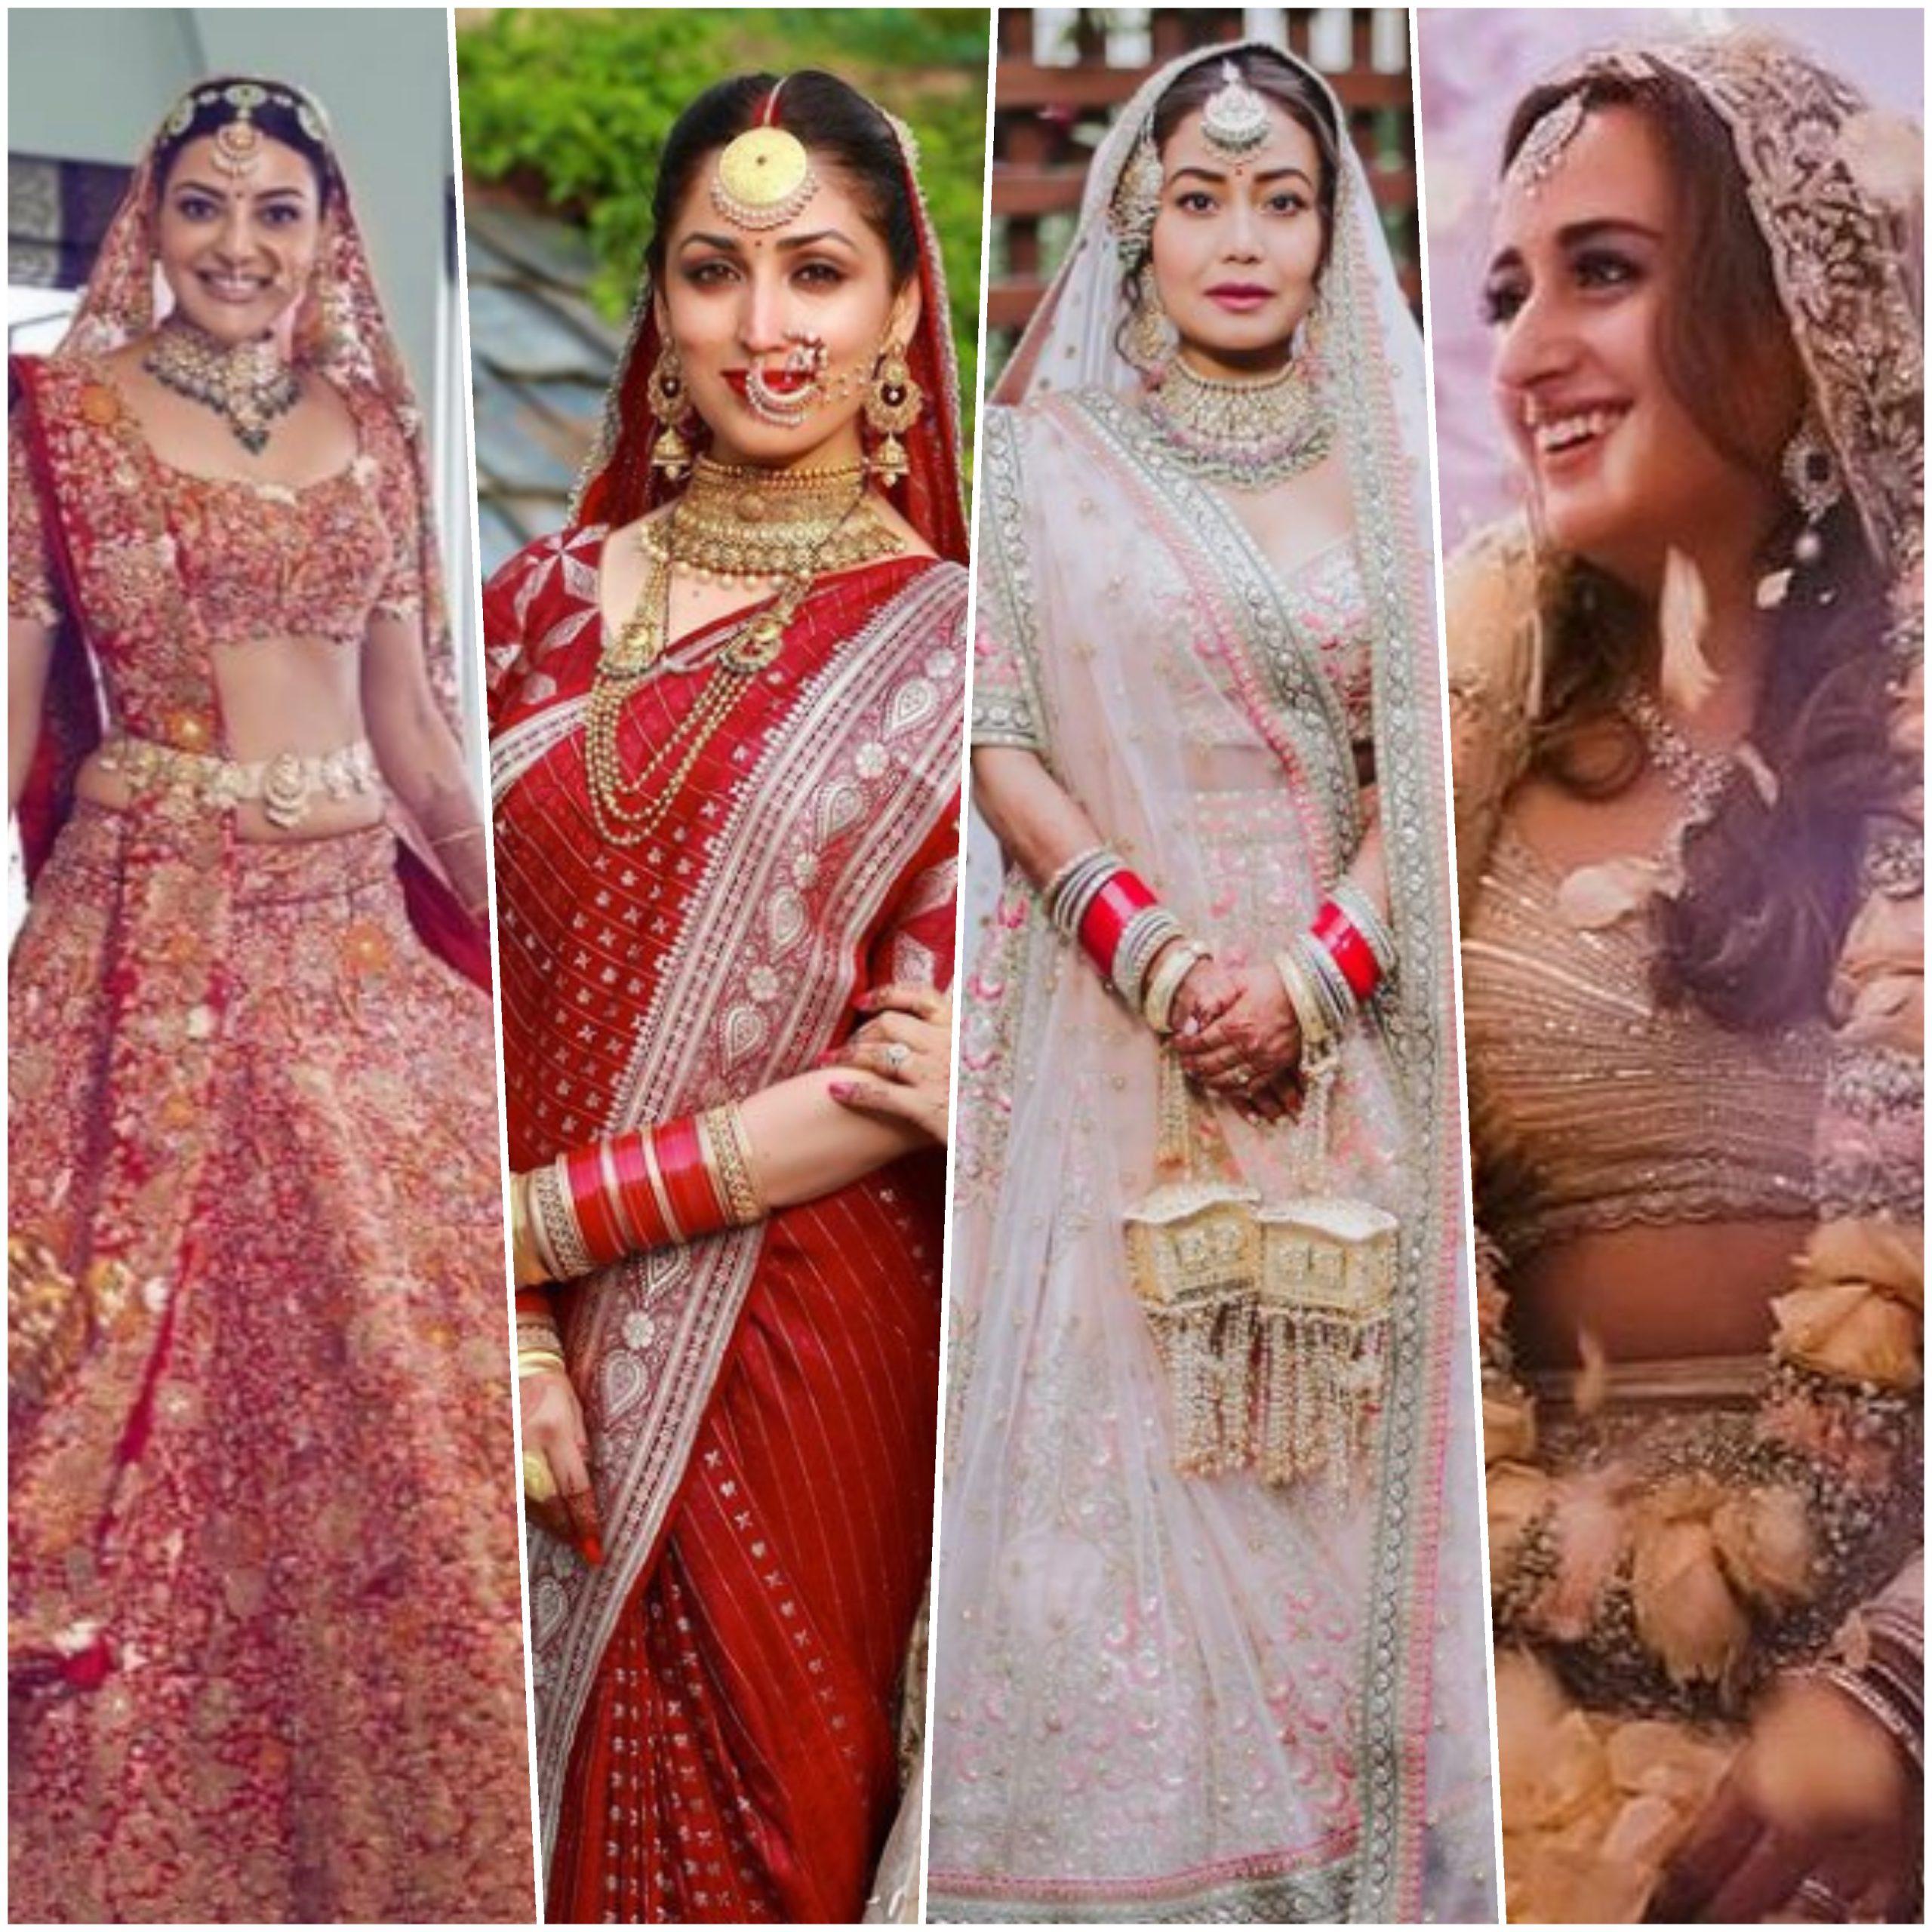 From Kajal Aggarwal to Yami Gautam, the Tollywood divas give us major bridal wardrobe goals!